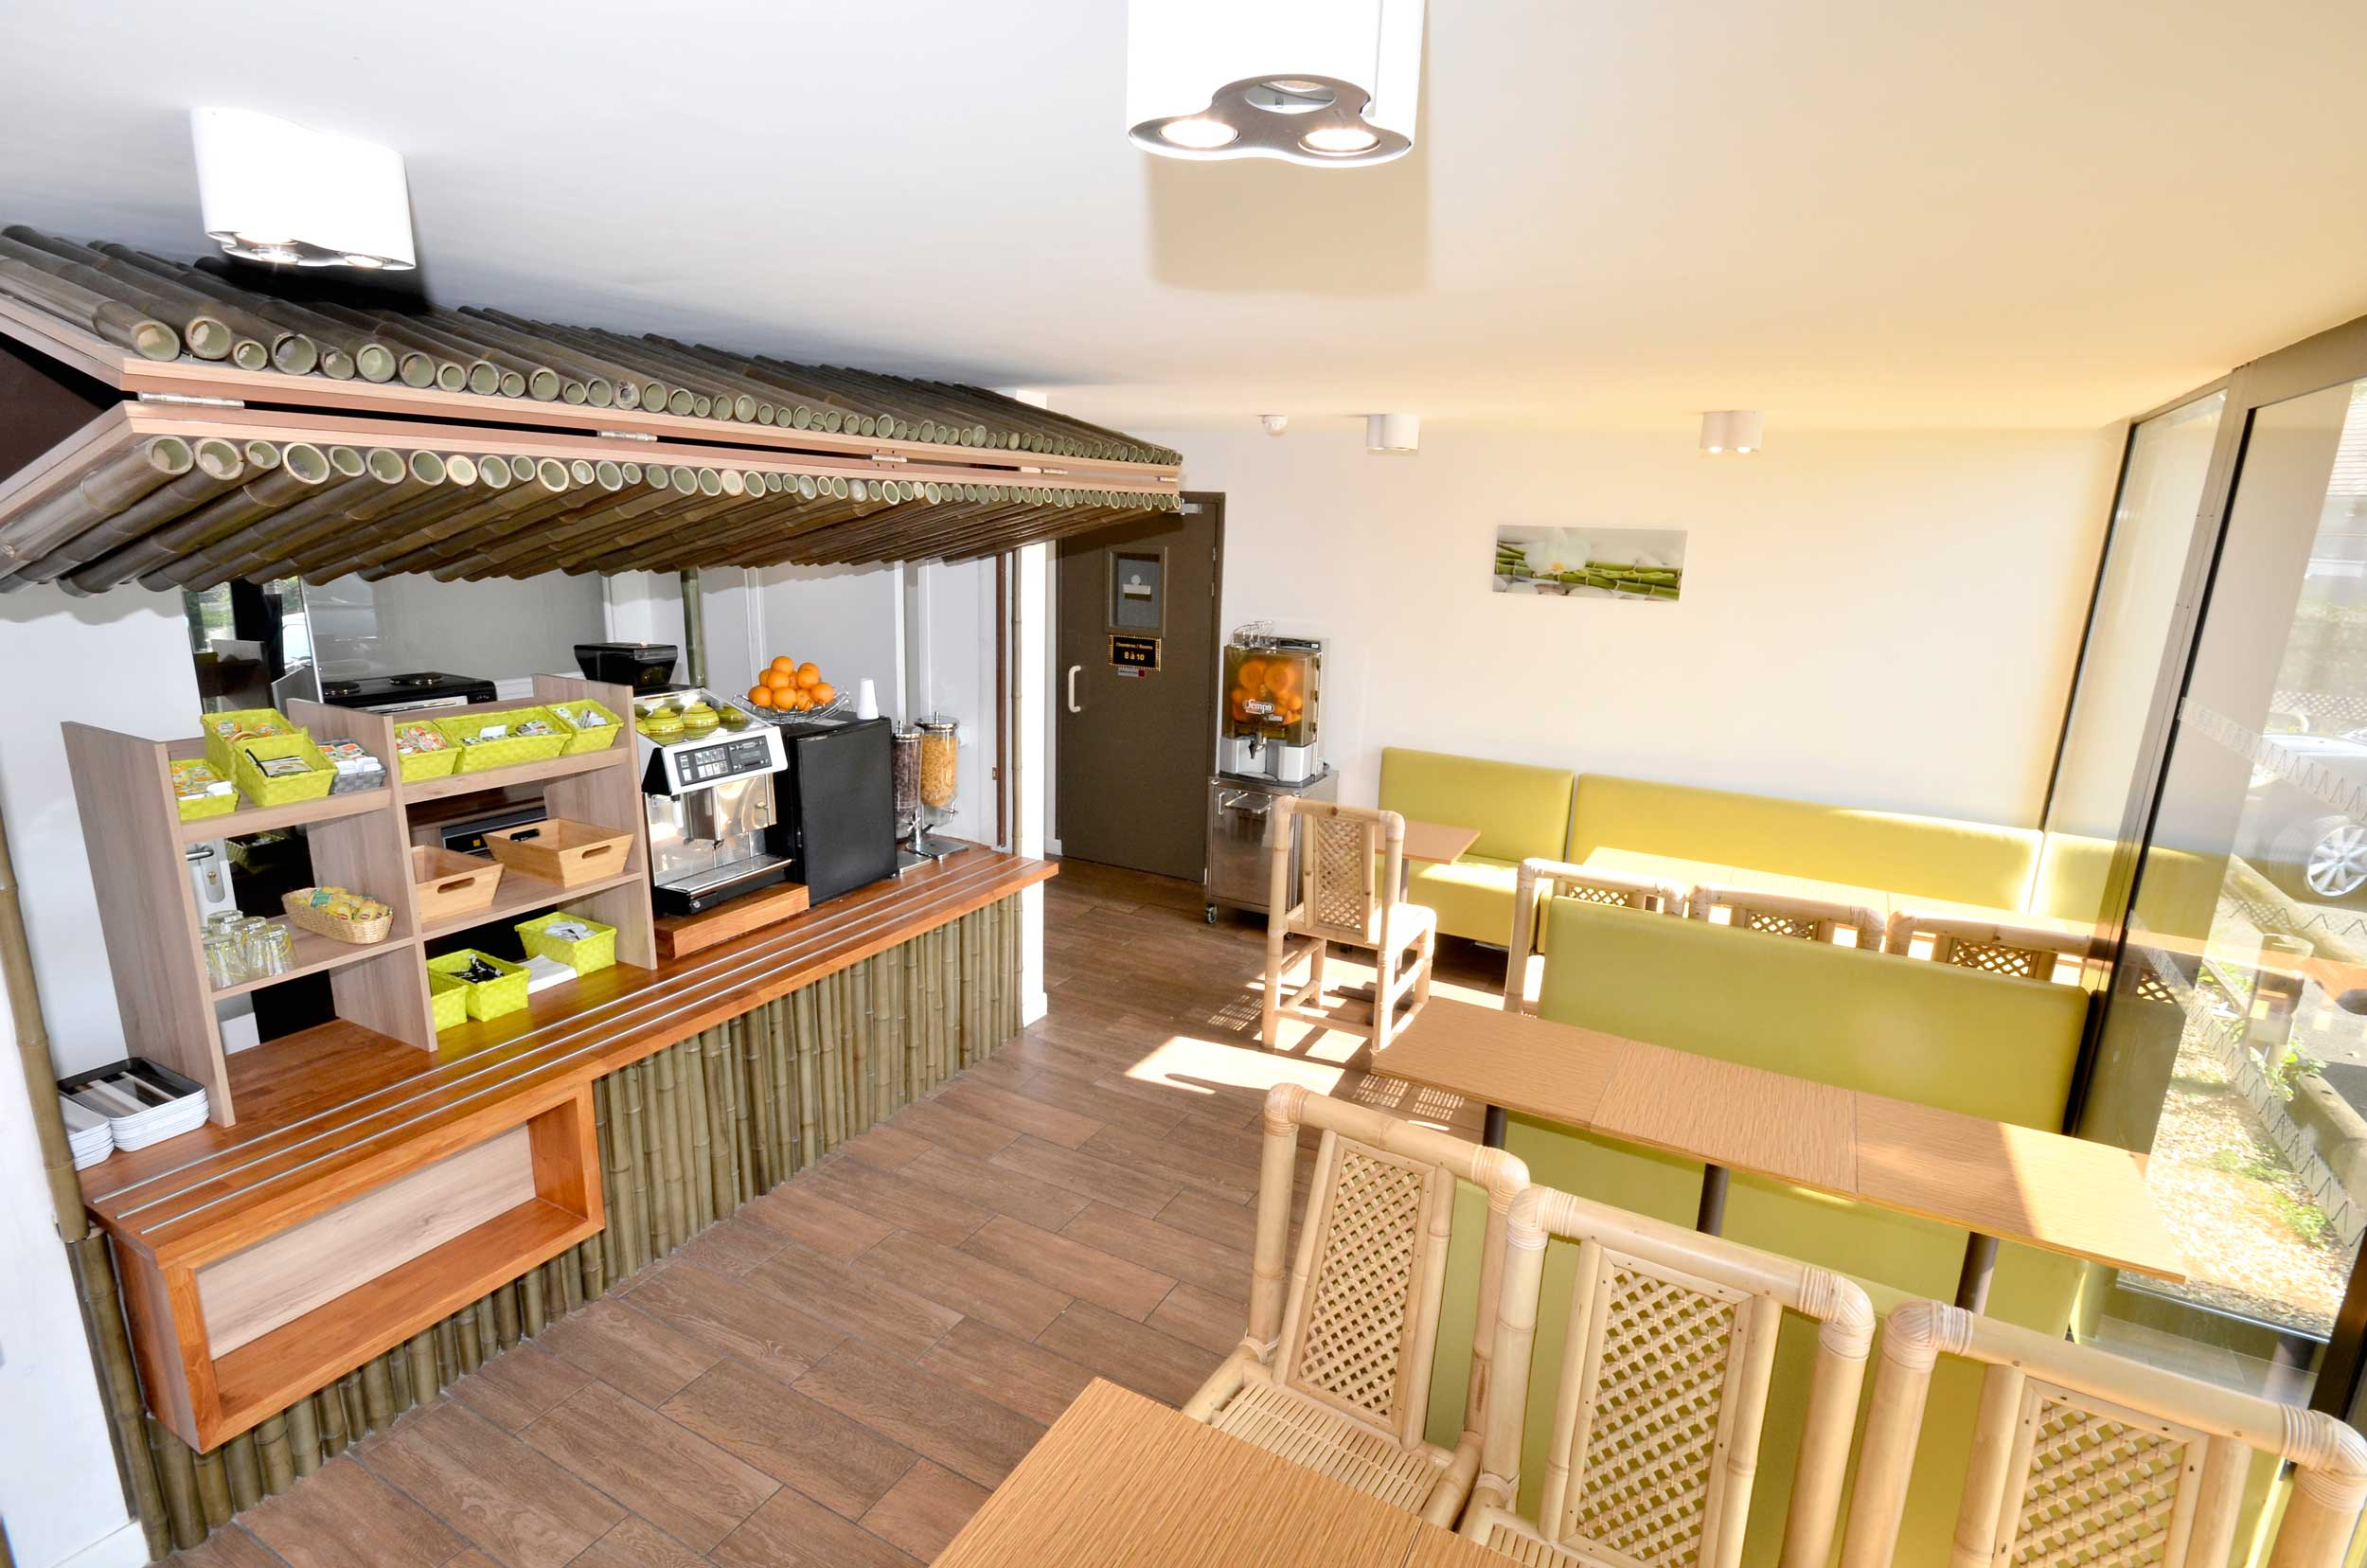 Green Hotel Sainte Genevieve Des Bois - Green h u00f4tels Bienvenue chez vous